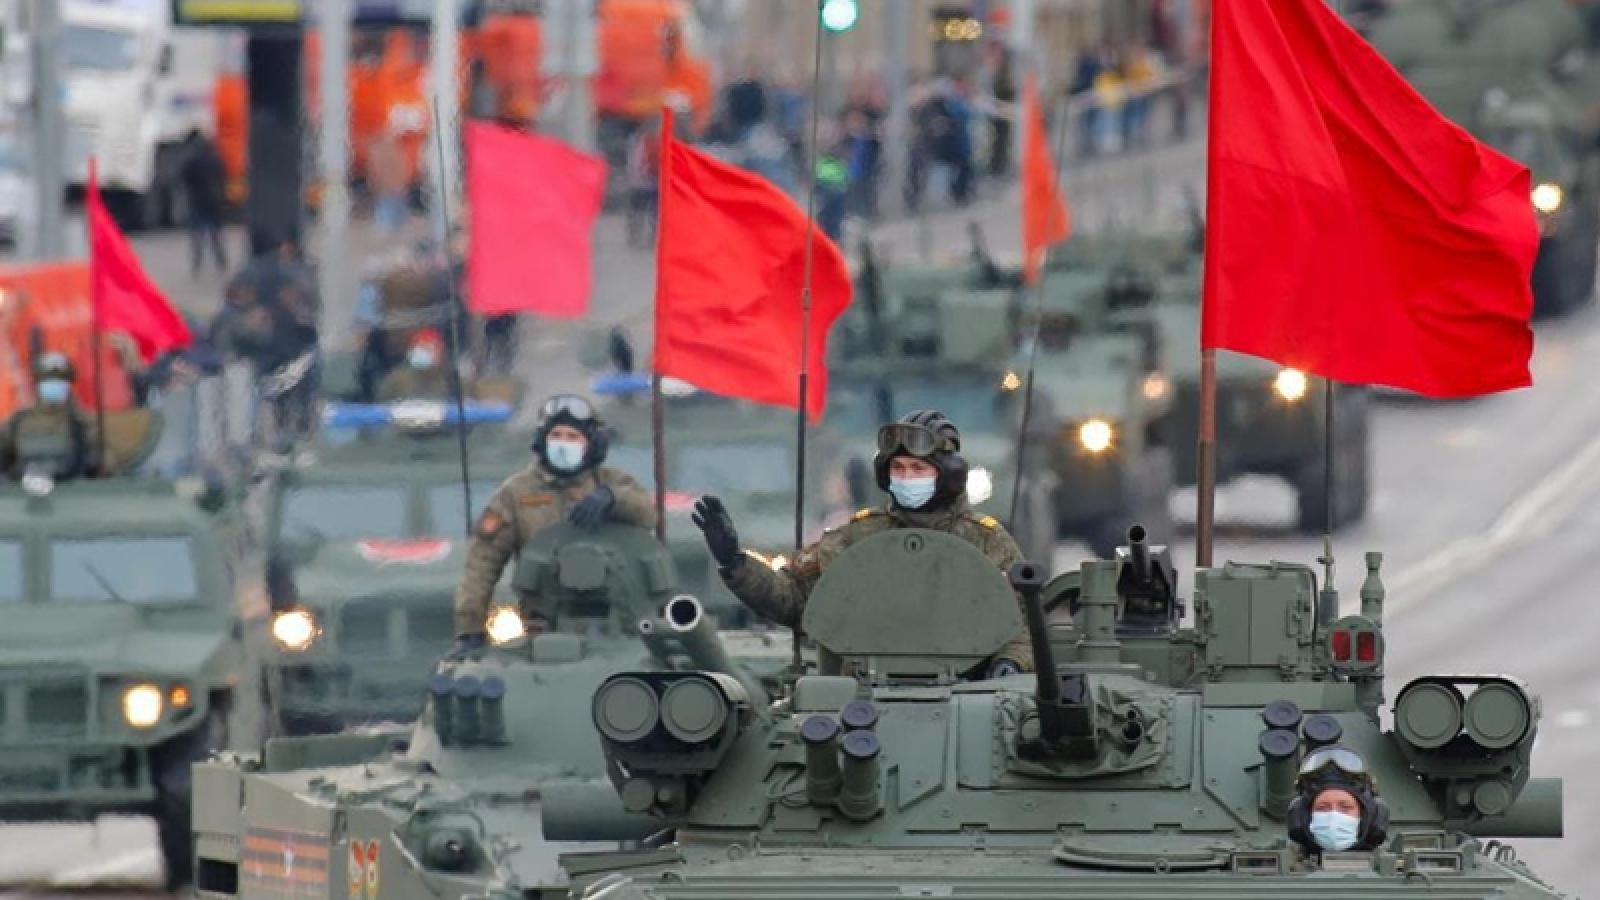 Cận cảnh Nga tổng duyệt cho lễ duyệt binh kỷ niệm Ngày chiến thắng tại Quảng trường Đỏ